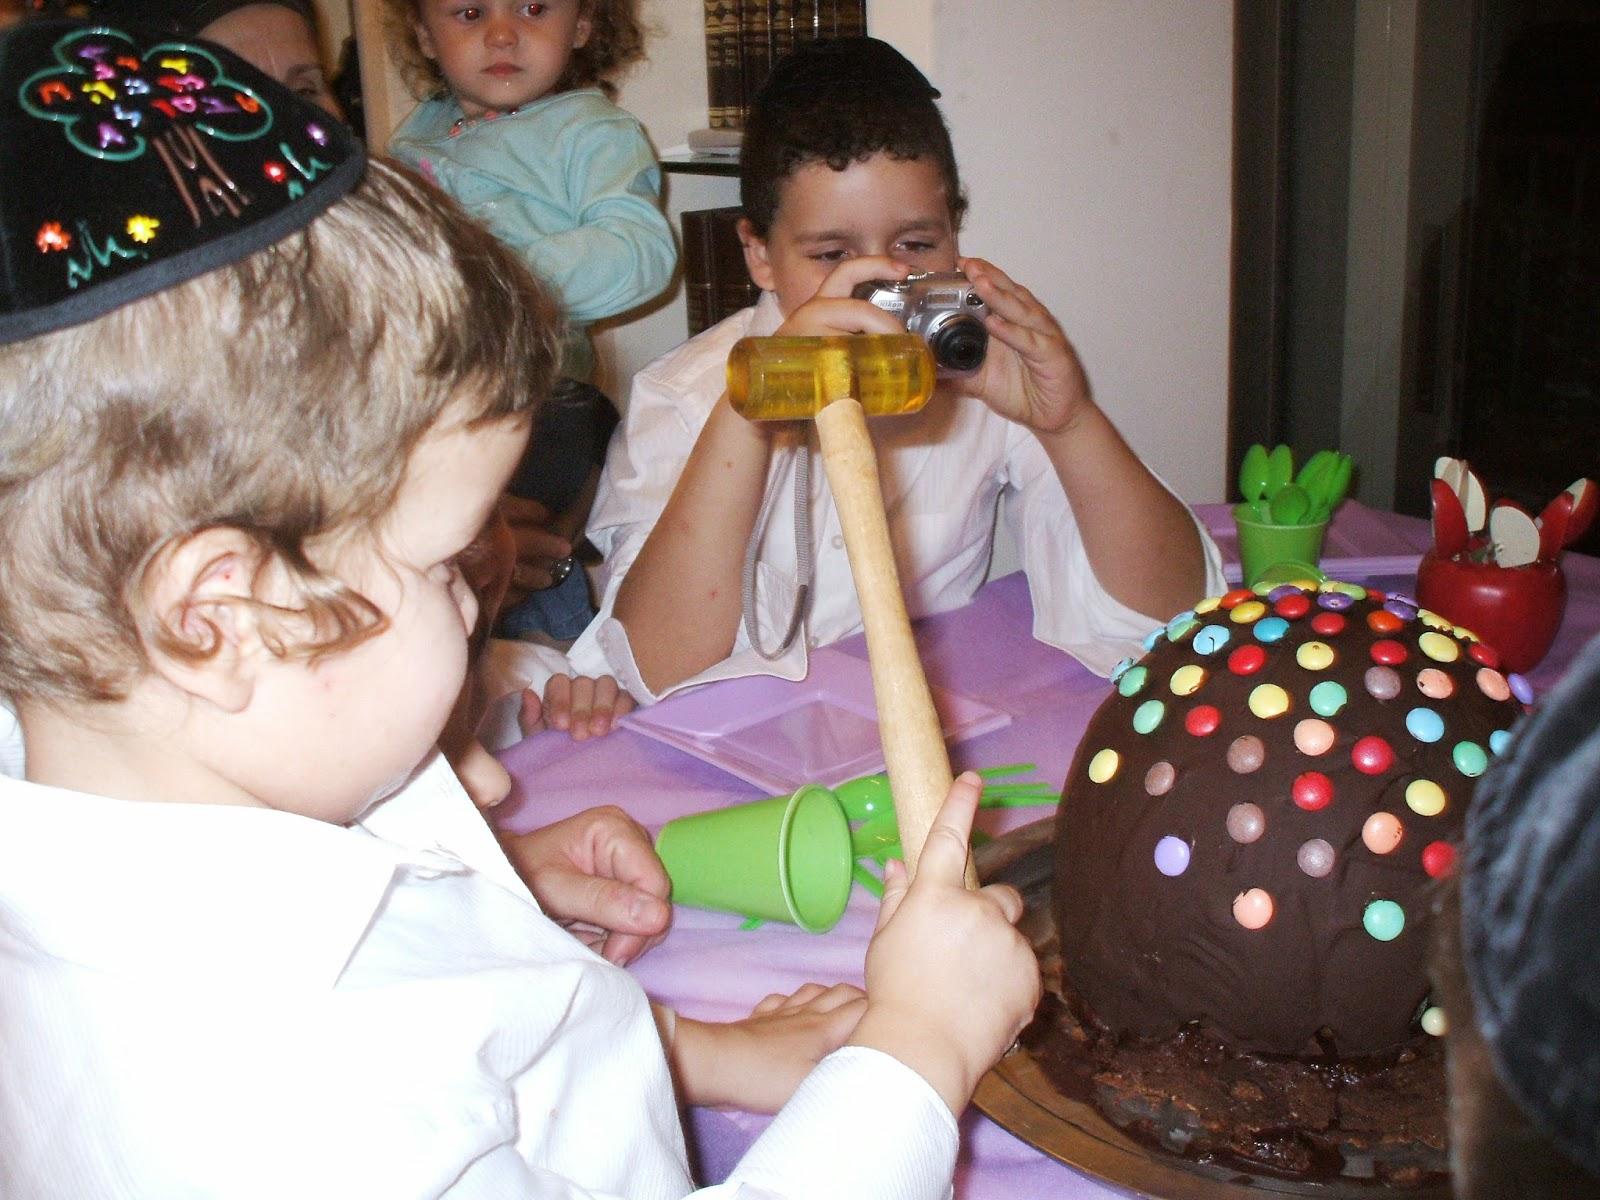 DSCF1227 - עוגה עם הפתעה בפנים